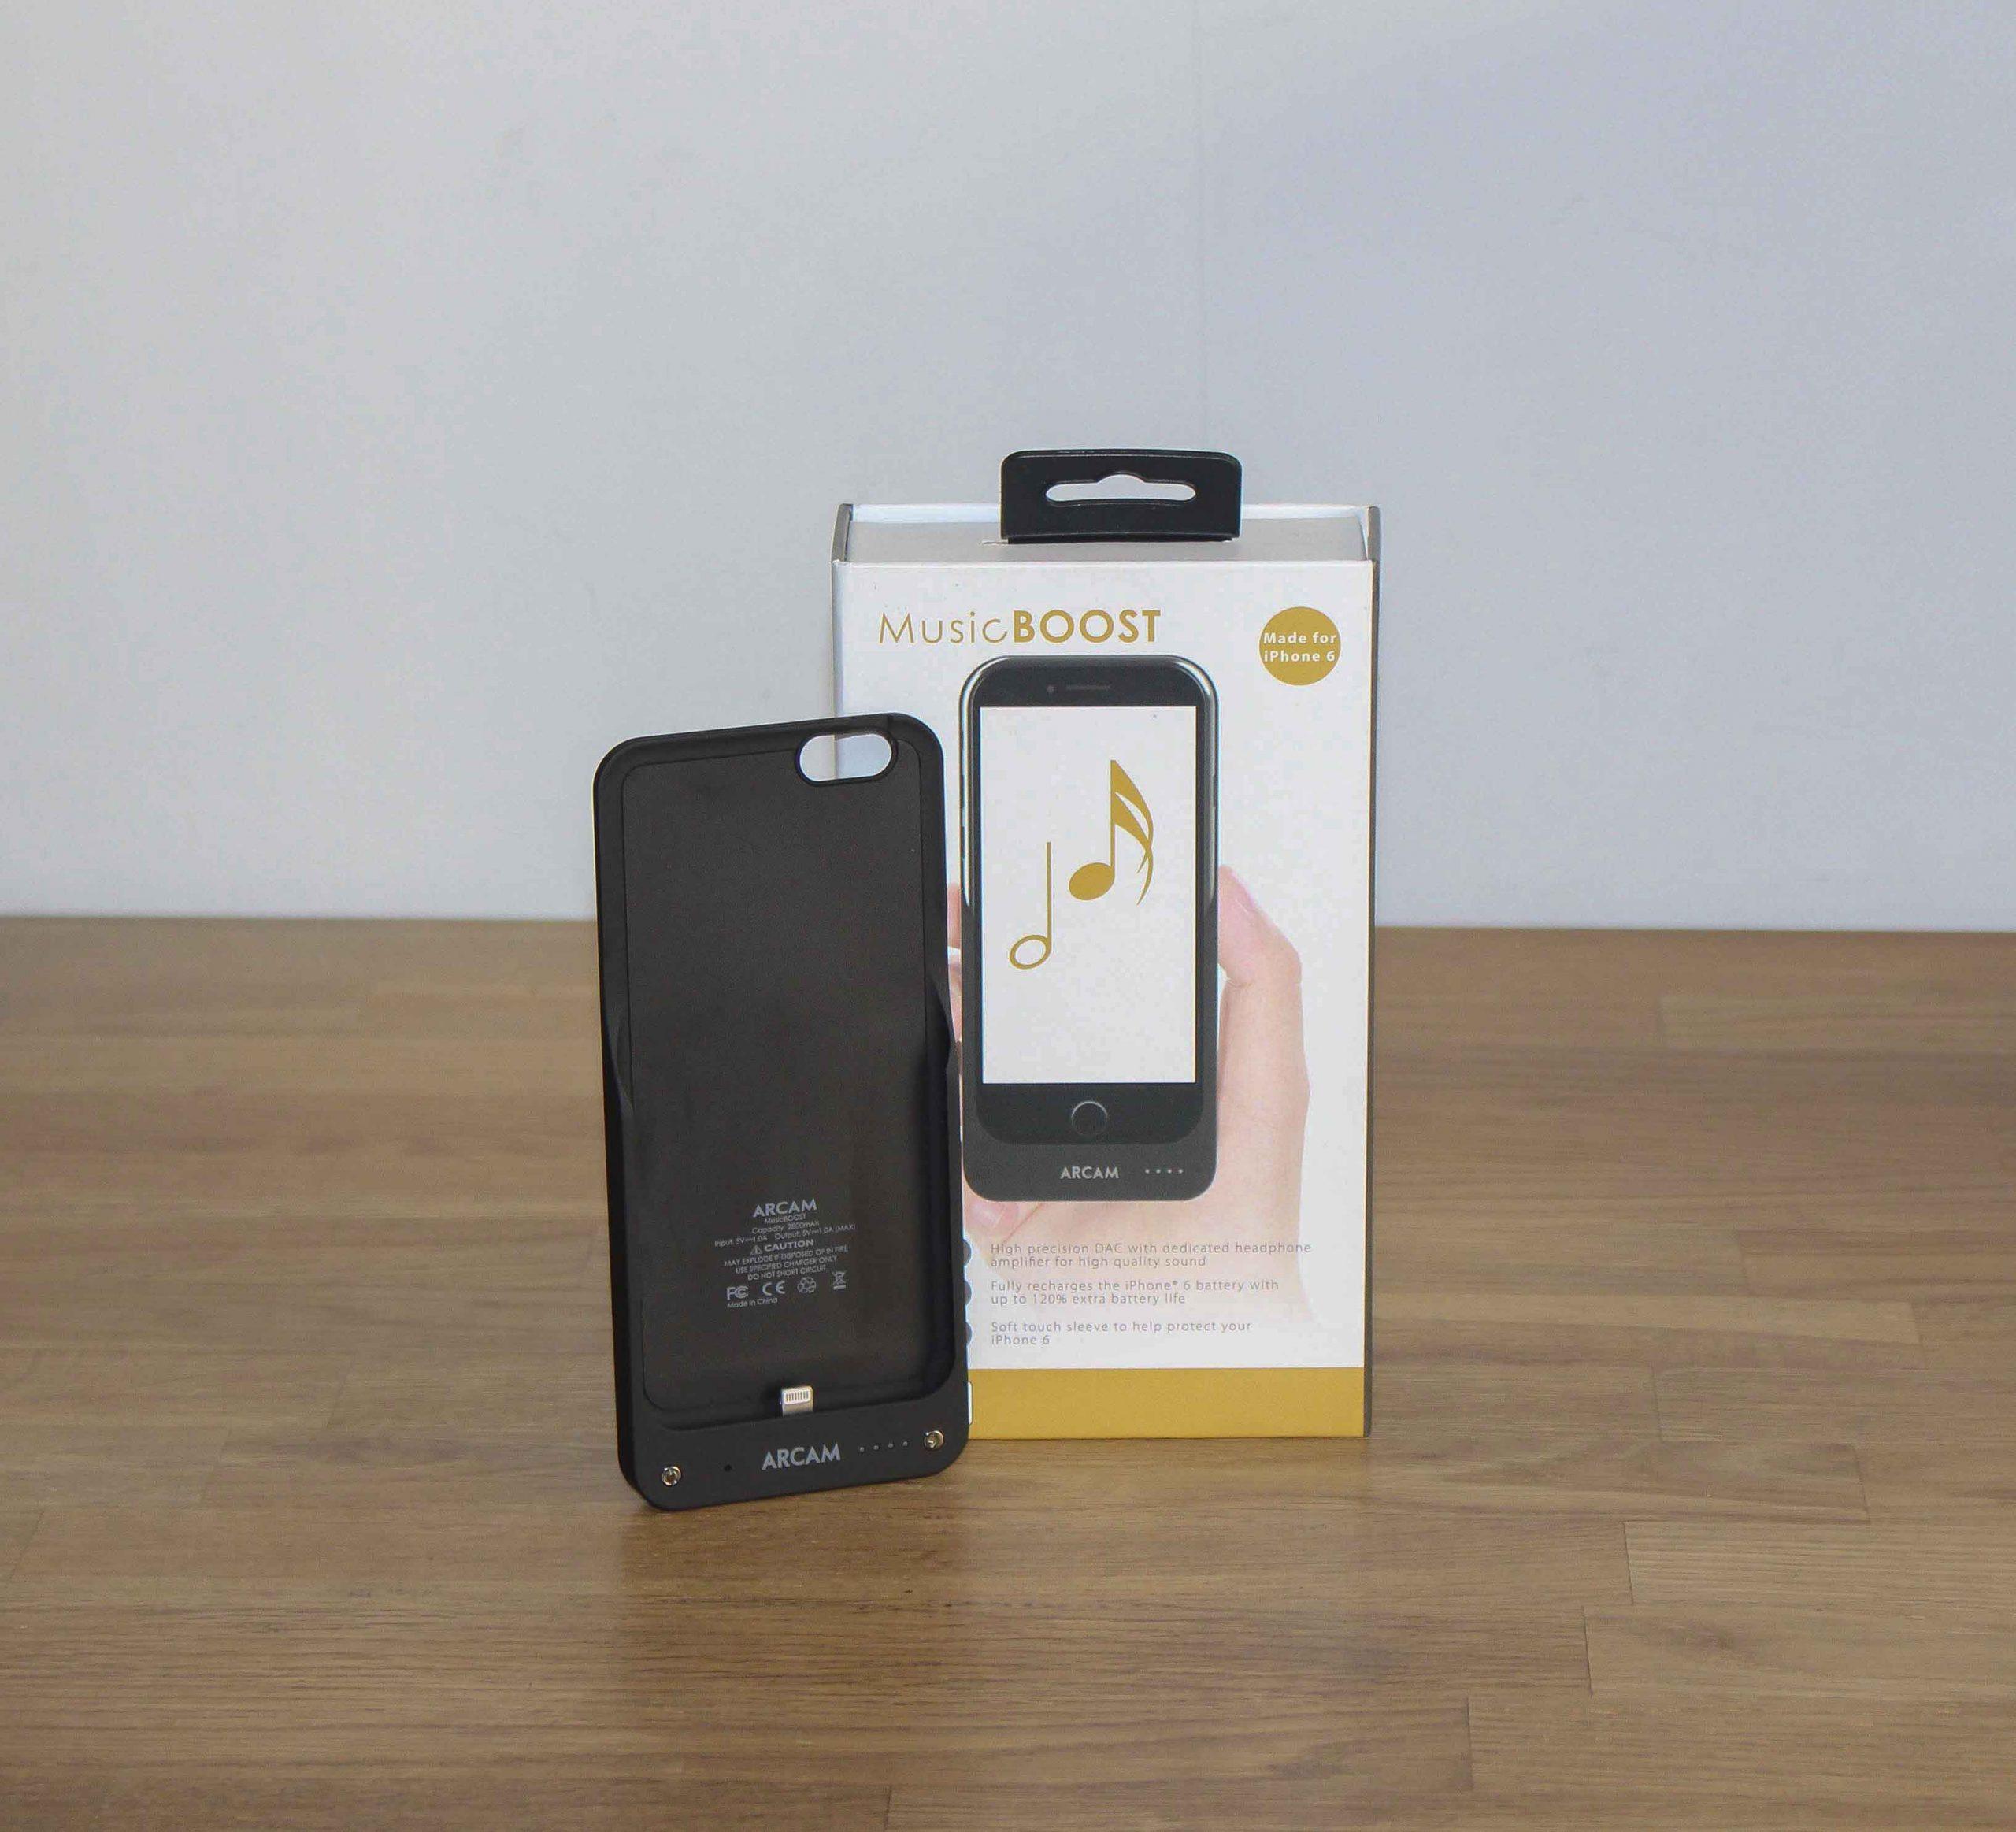 music boost phone case